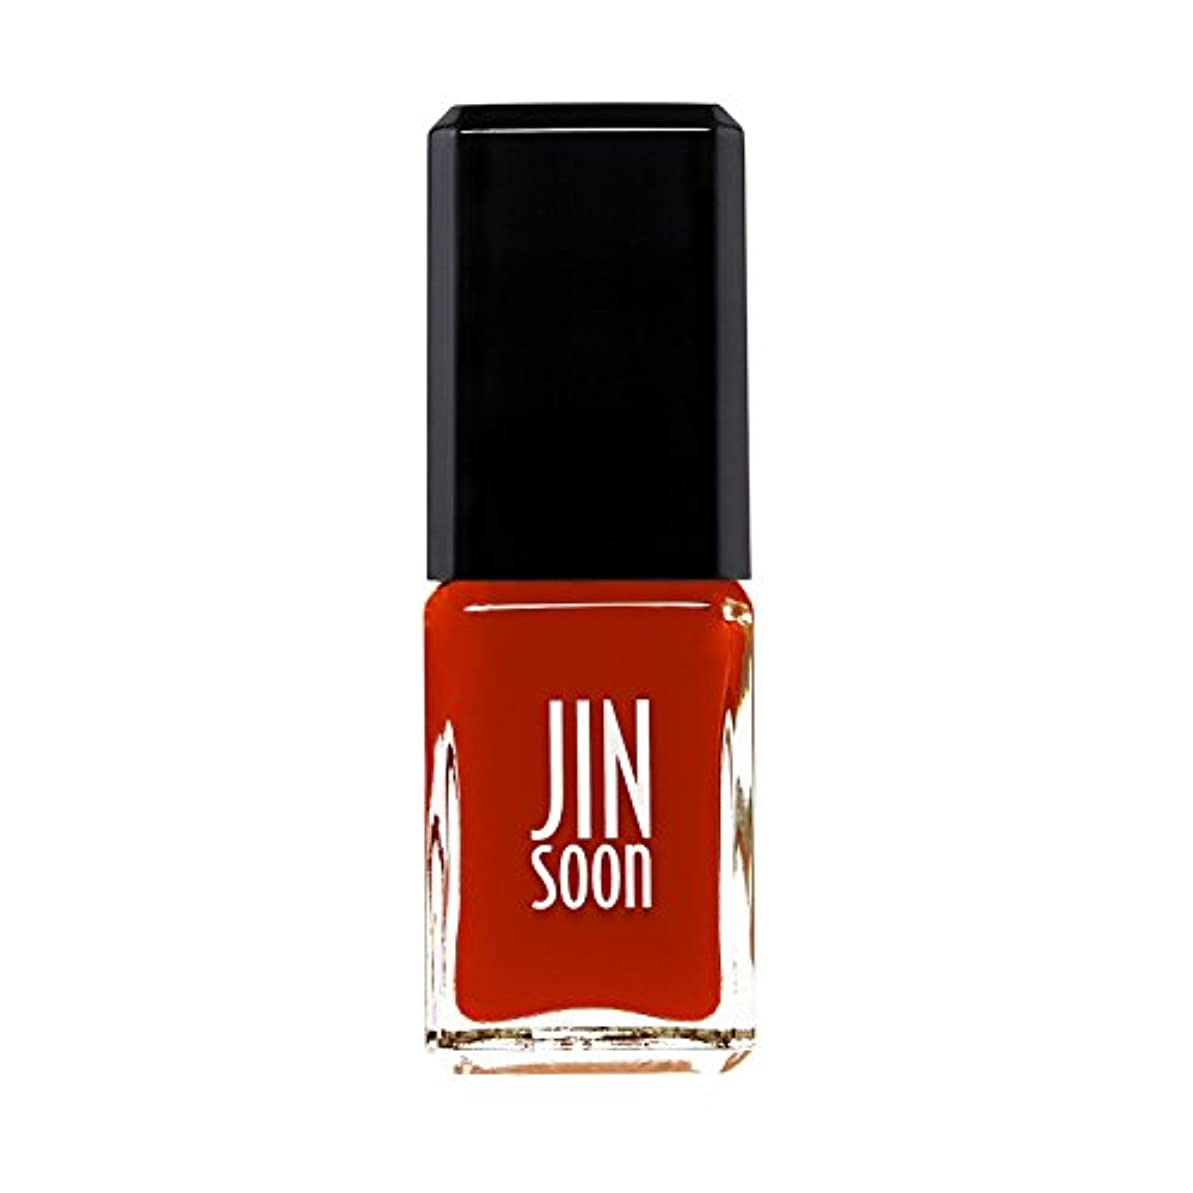 ジム虐殺植物学[ジンスーン] [ jinsoon] クラッシュ(シアーオレンジ) CRUSH ジンスーン 5フリー ネイル ポリッシュ ネイルカラー系統:オレンジ 11mL